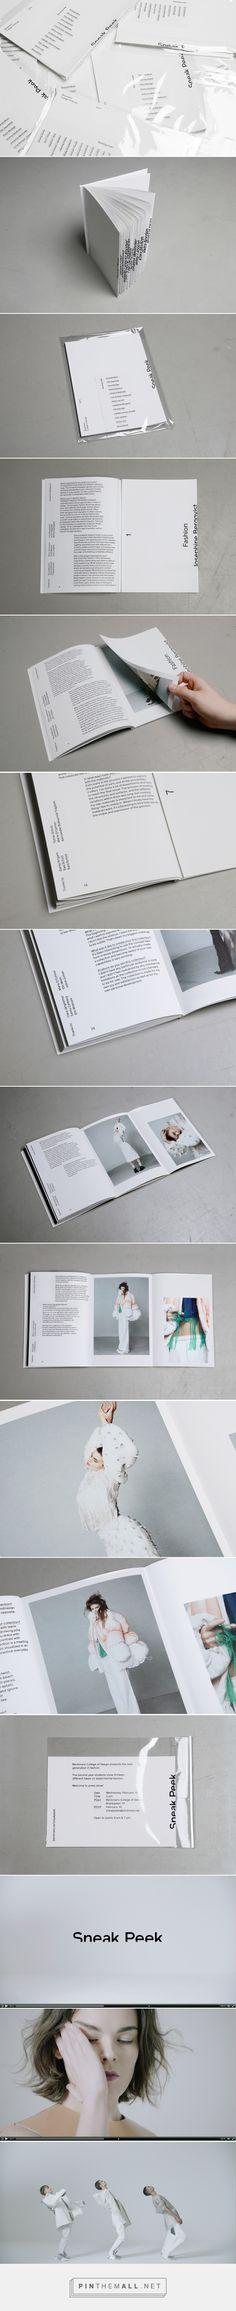 Sneak Peek by Johanna Nyberg linnea mesko kristofer lindgren